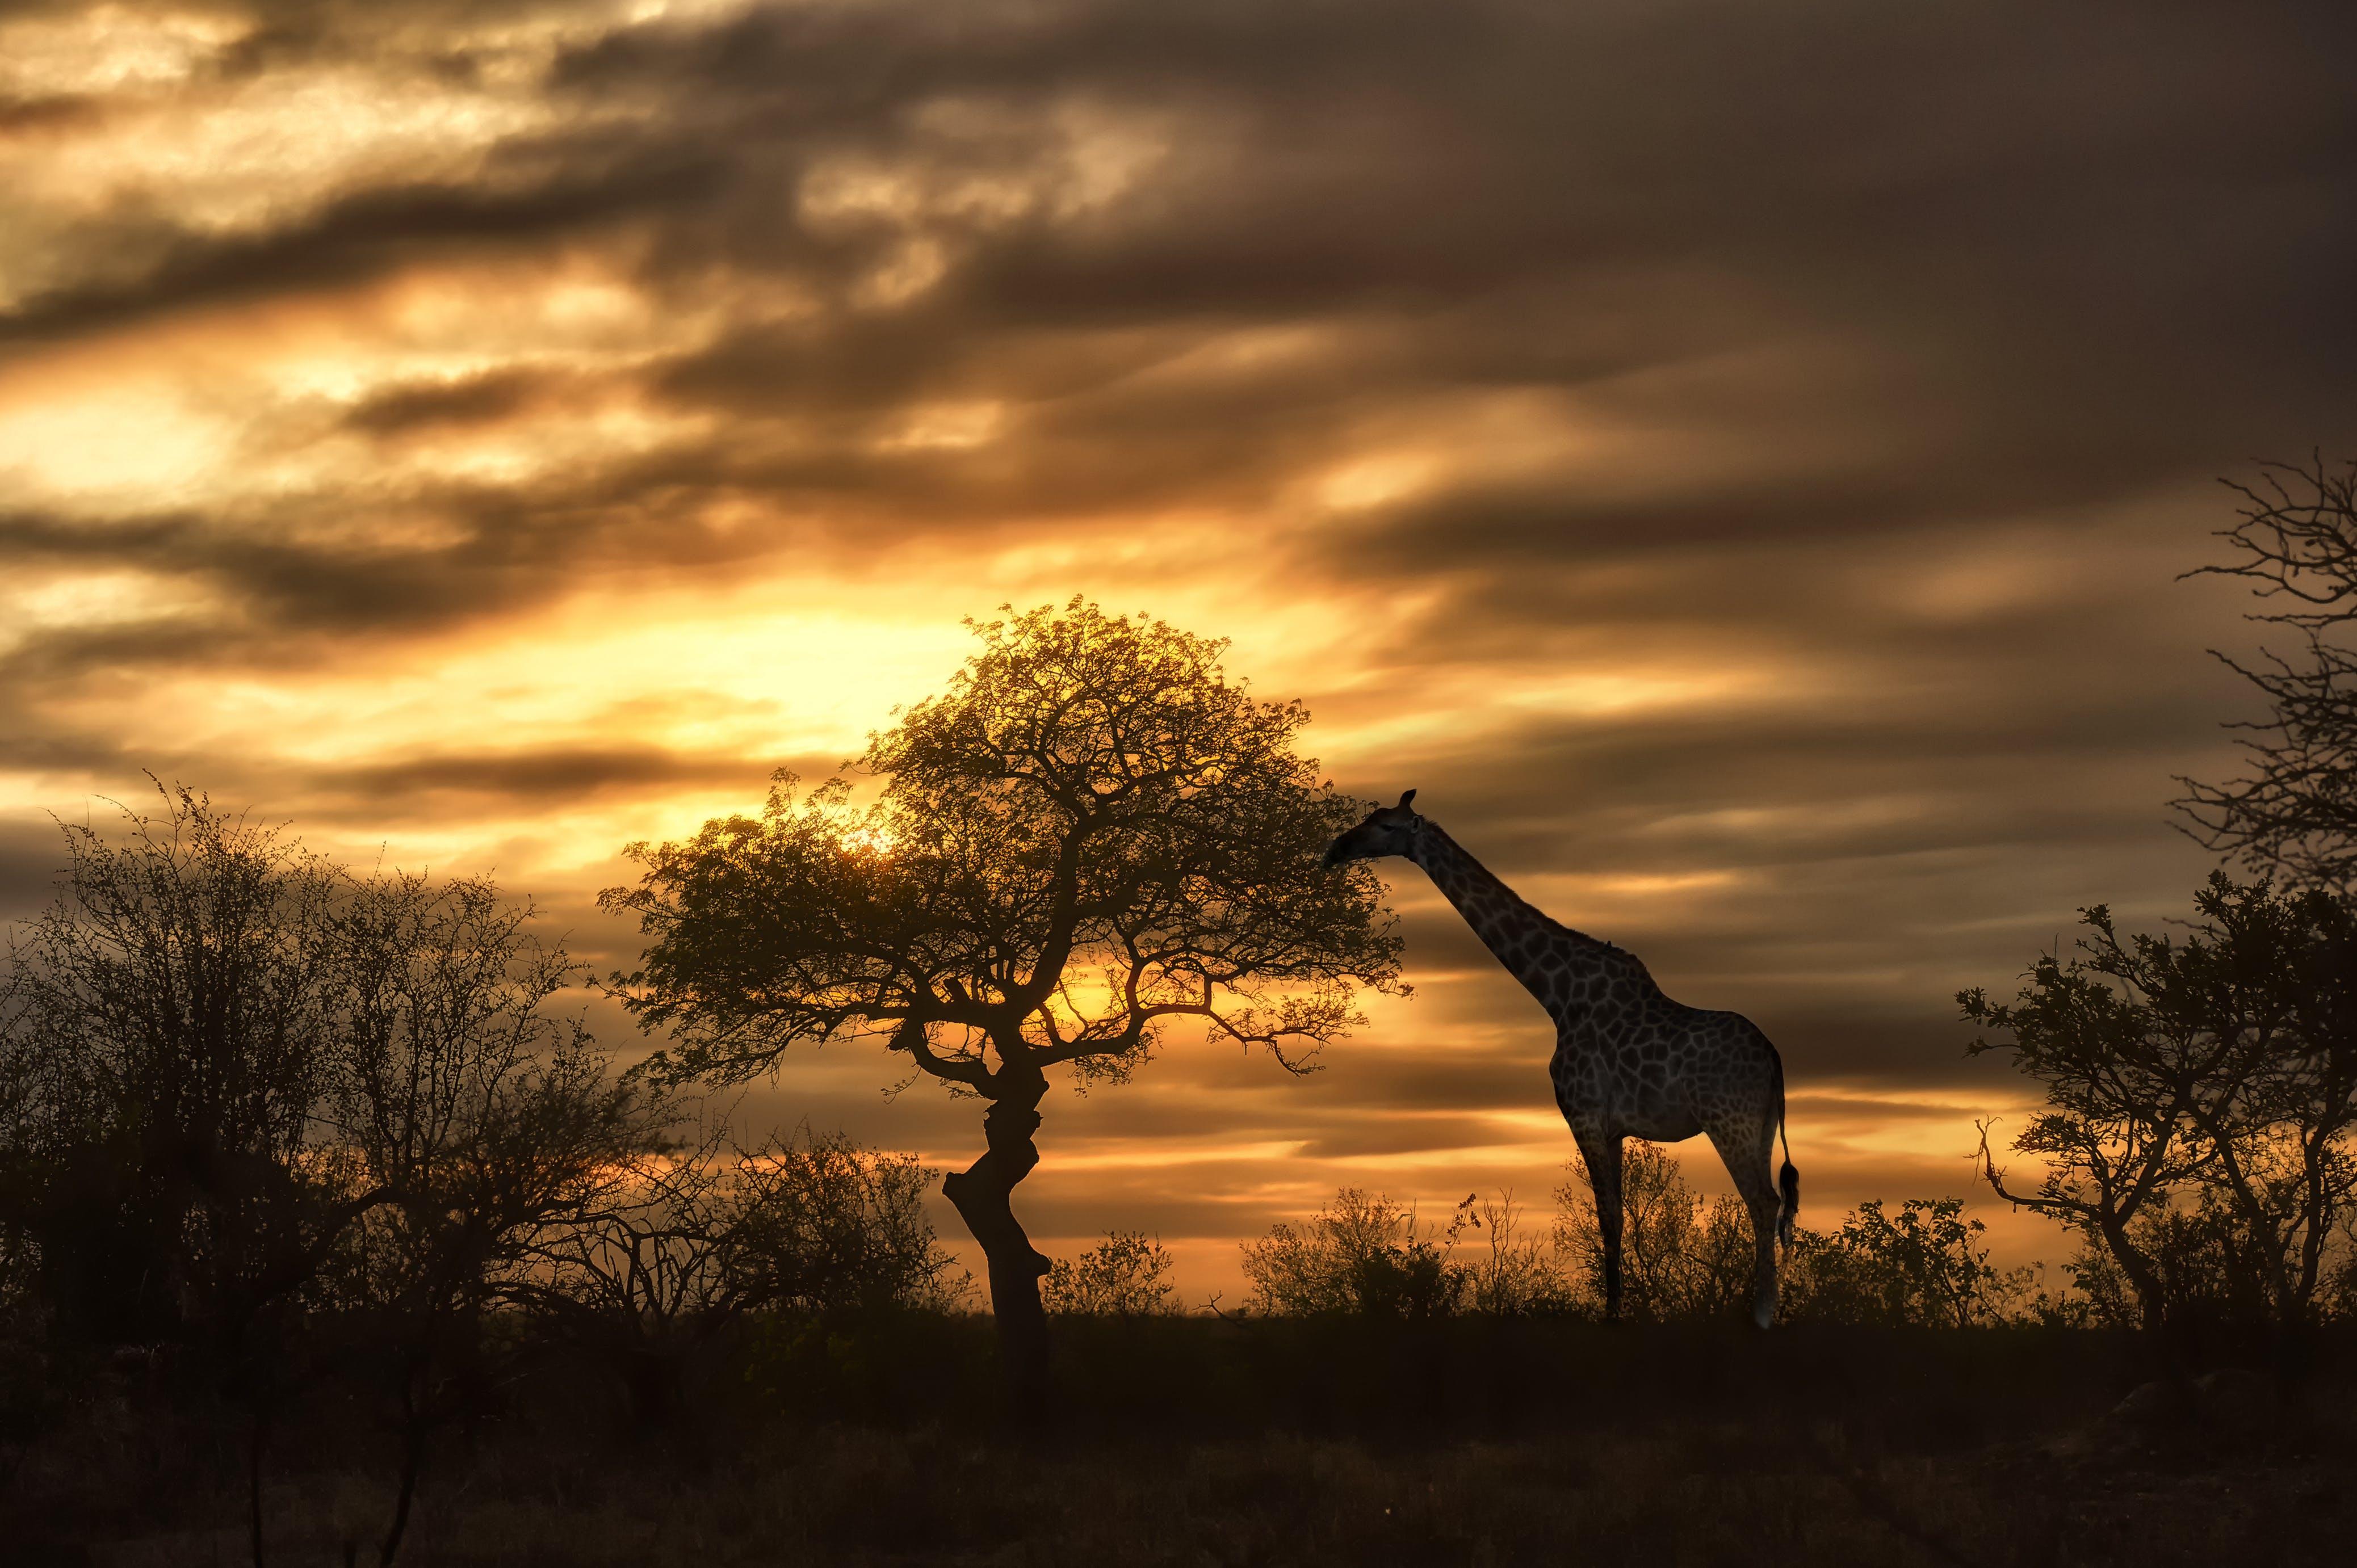 Giraffe at sunset during a safari